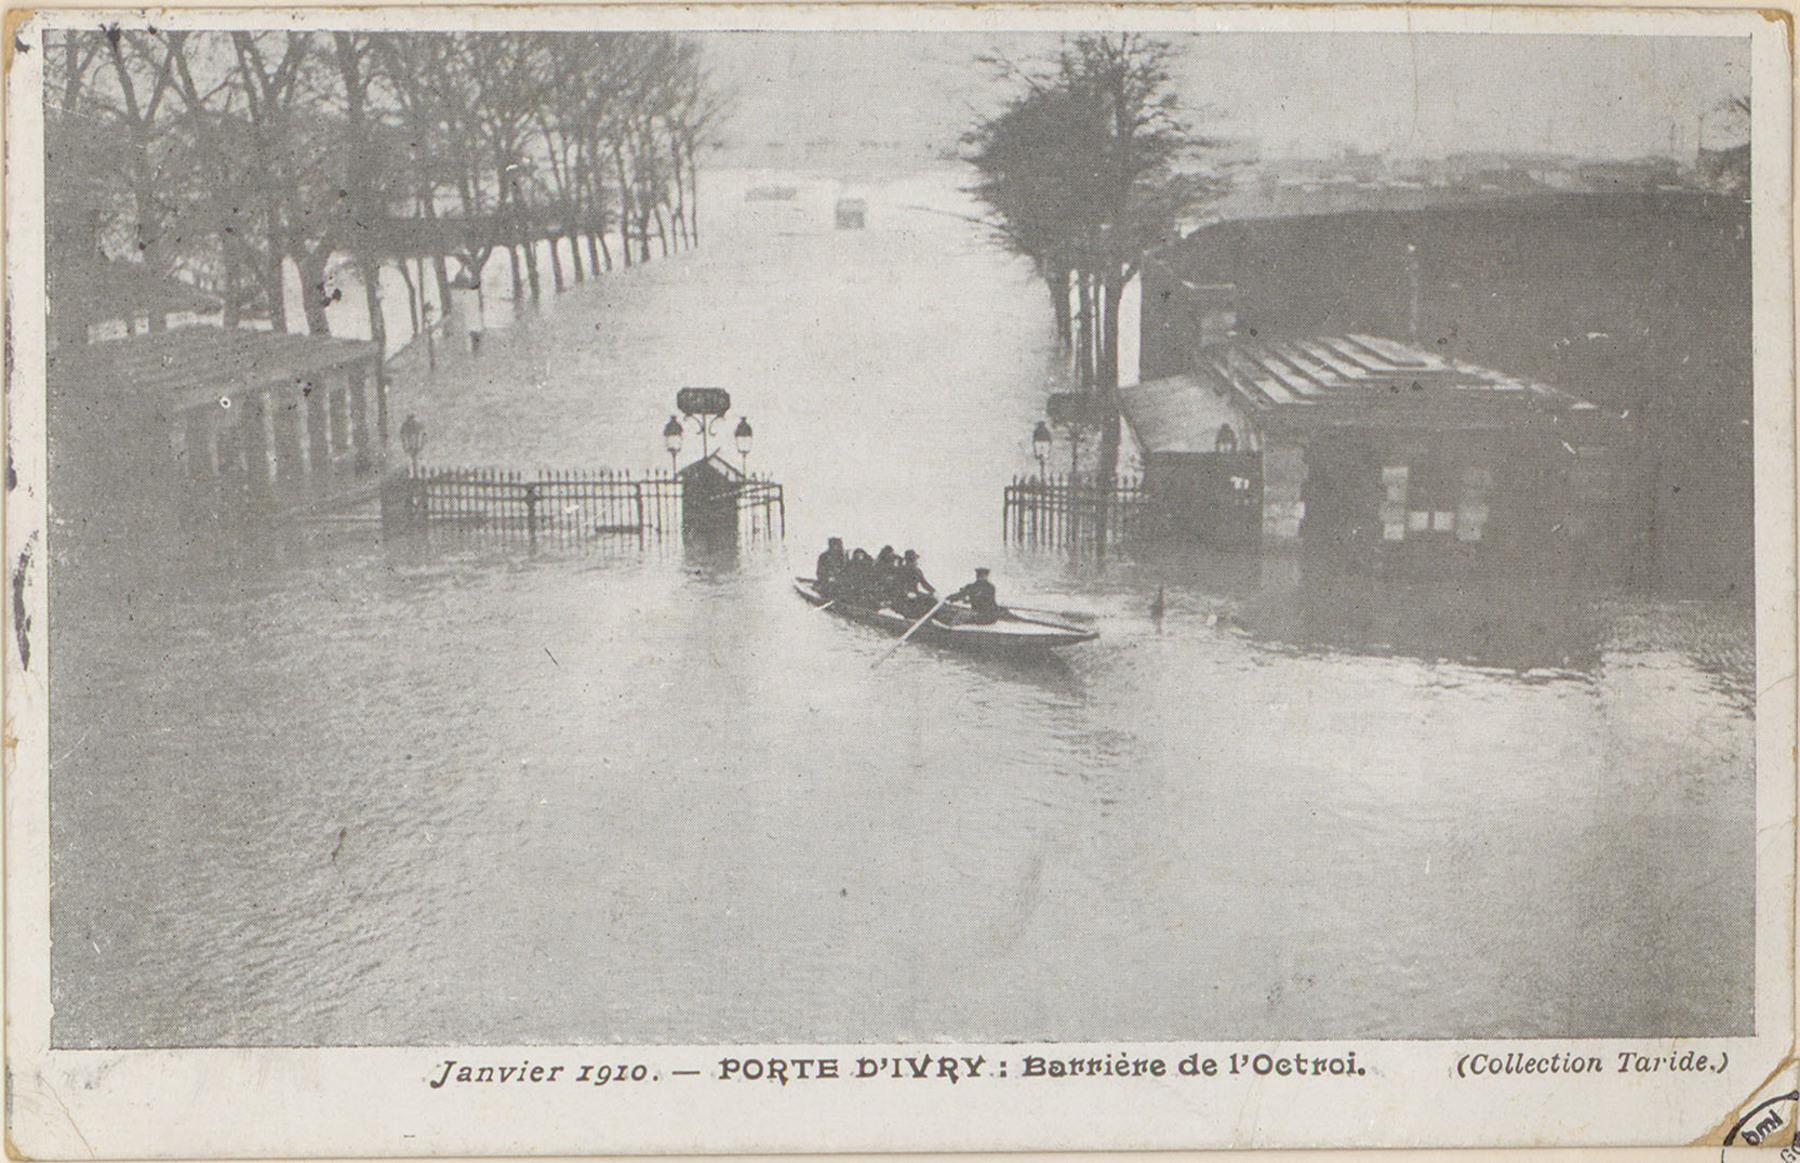 Contenu du Janvier 1910, Porte d'Ivry: barrière de l'octroi